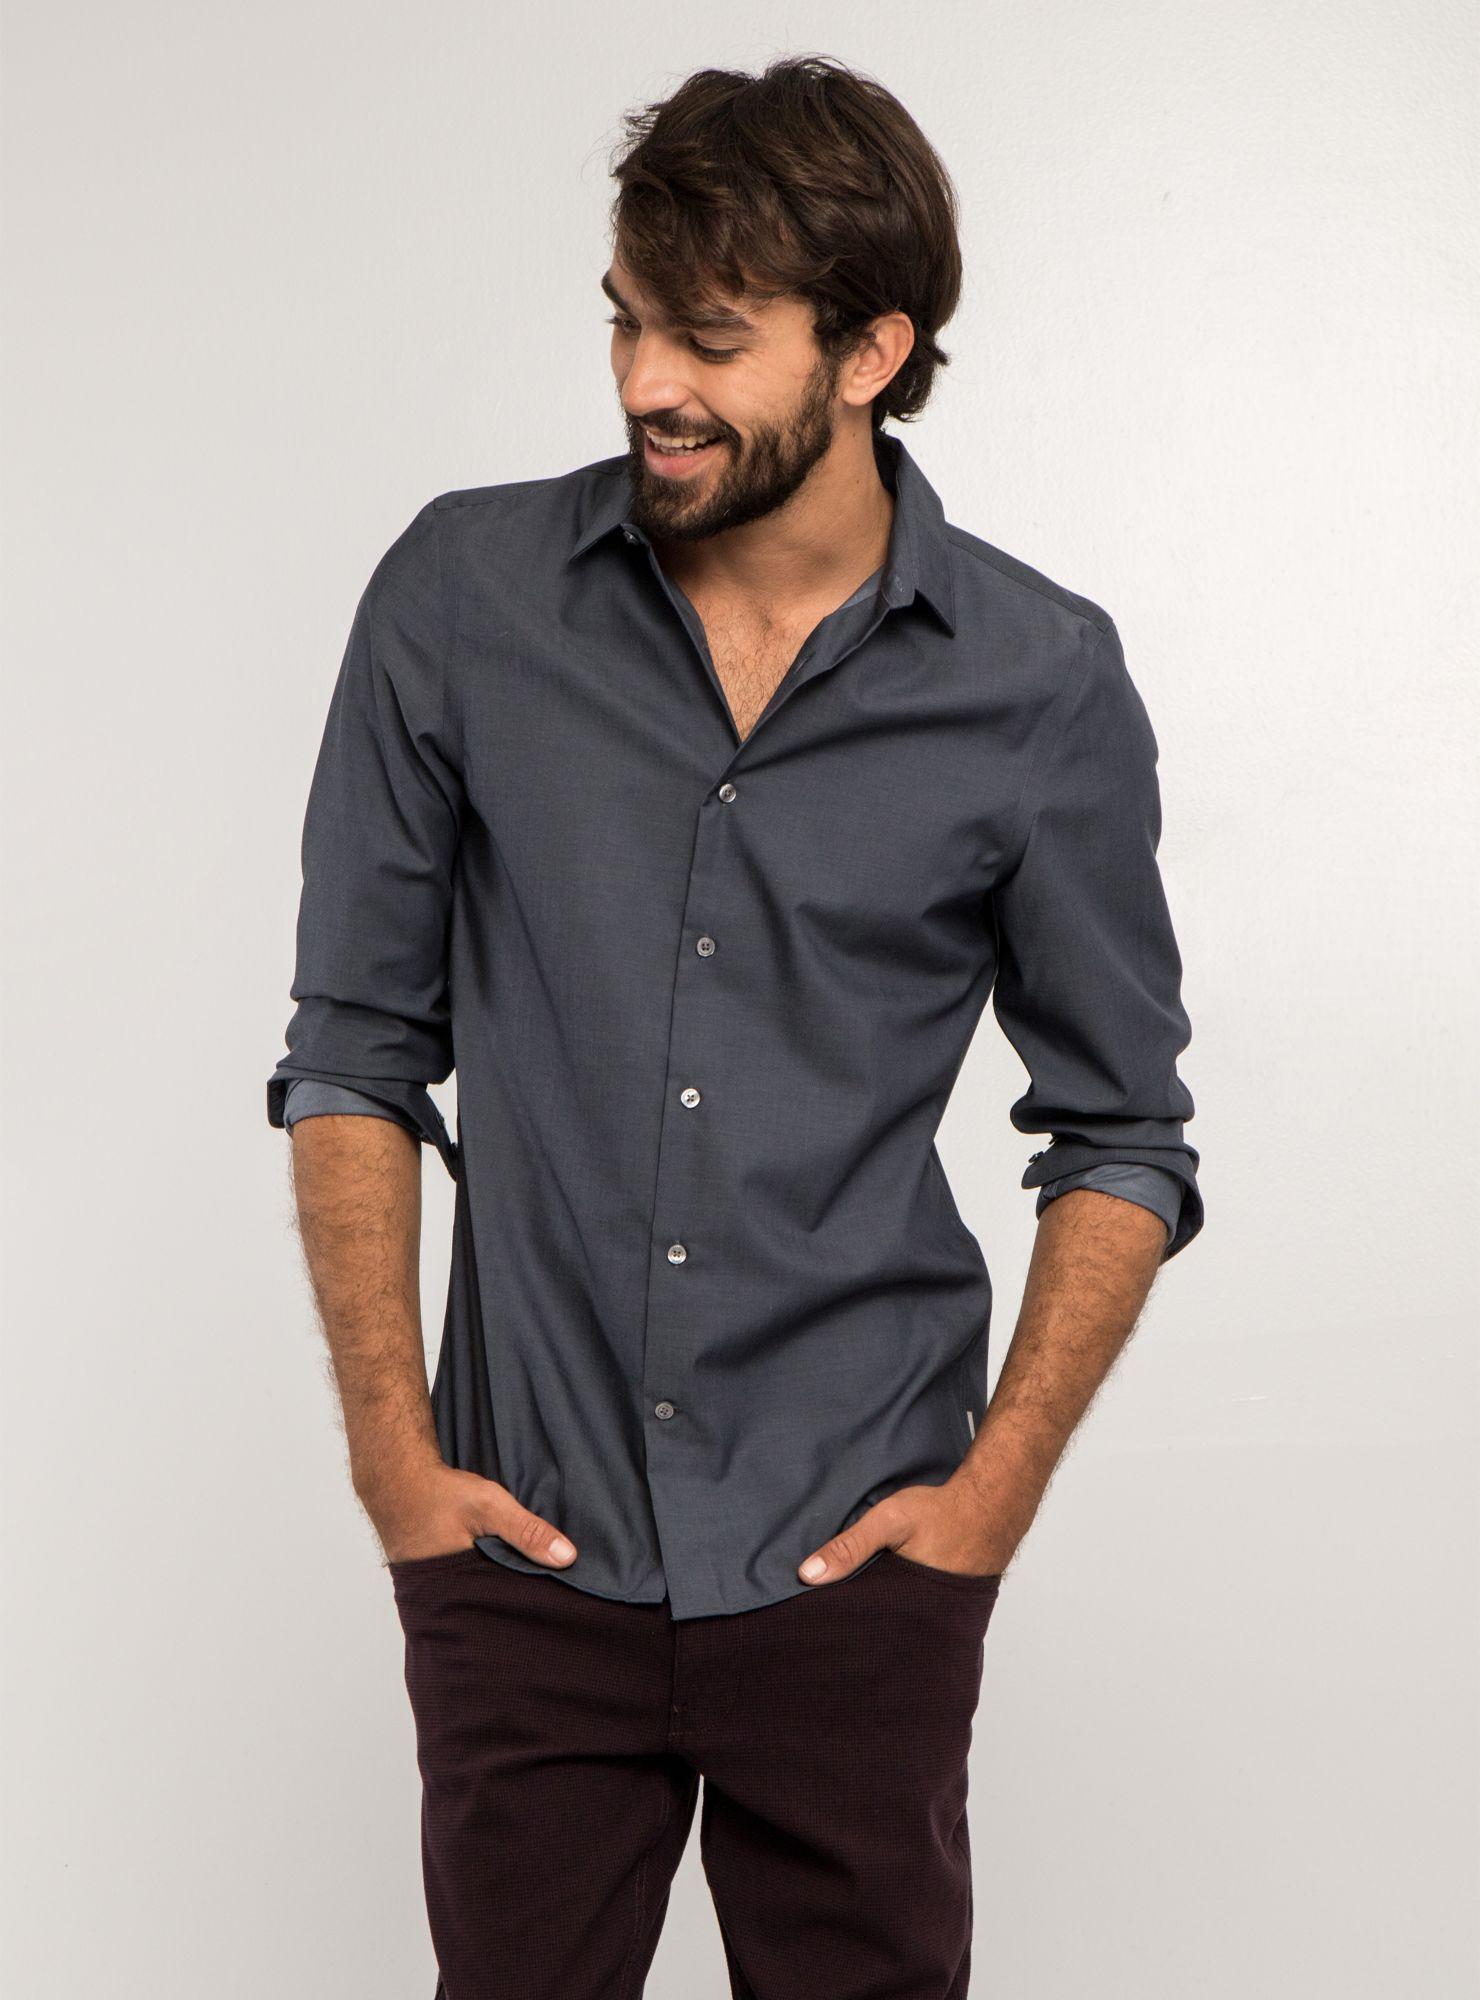 ef164c3a0c Camisa Lisa Slim Fit Non Iron Perry Ellis - Camisas